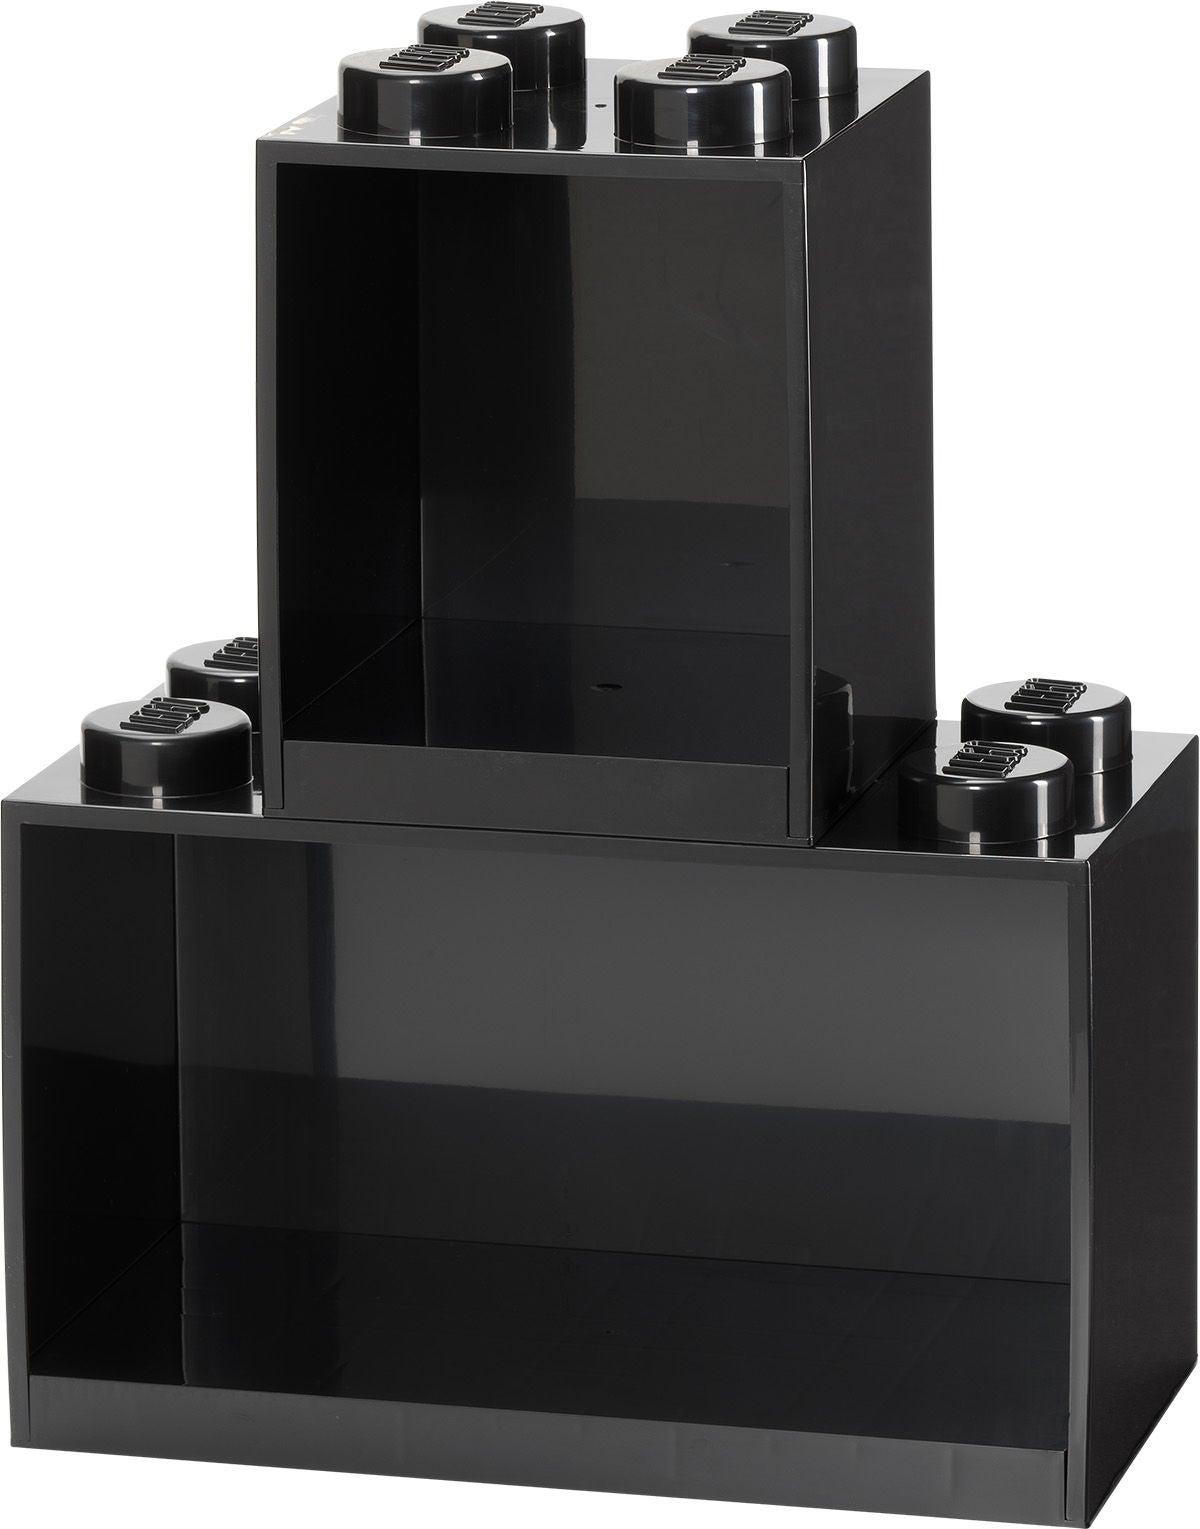 LEGO Hylly, Black